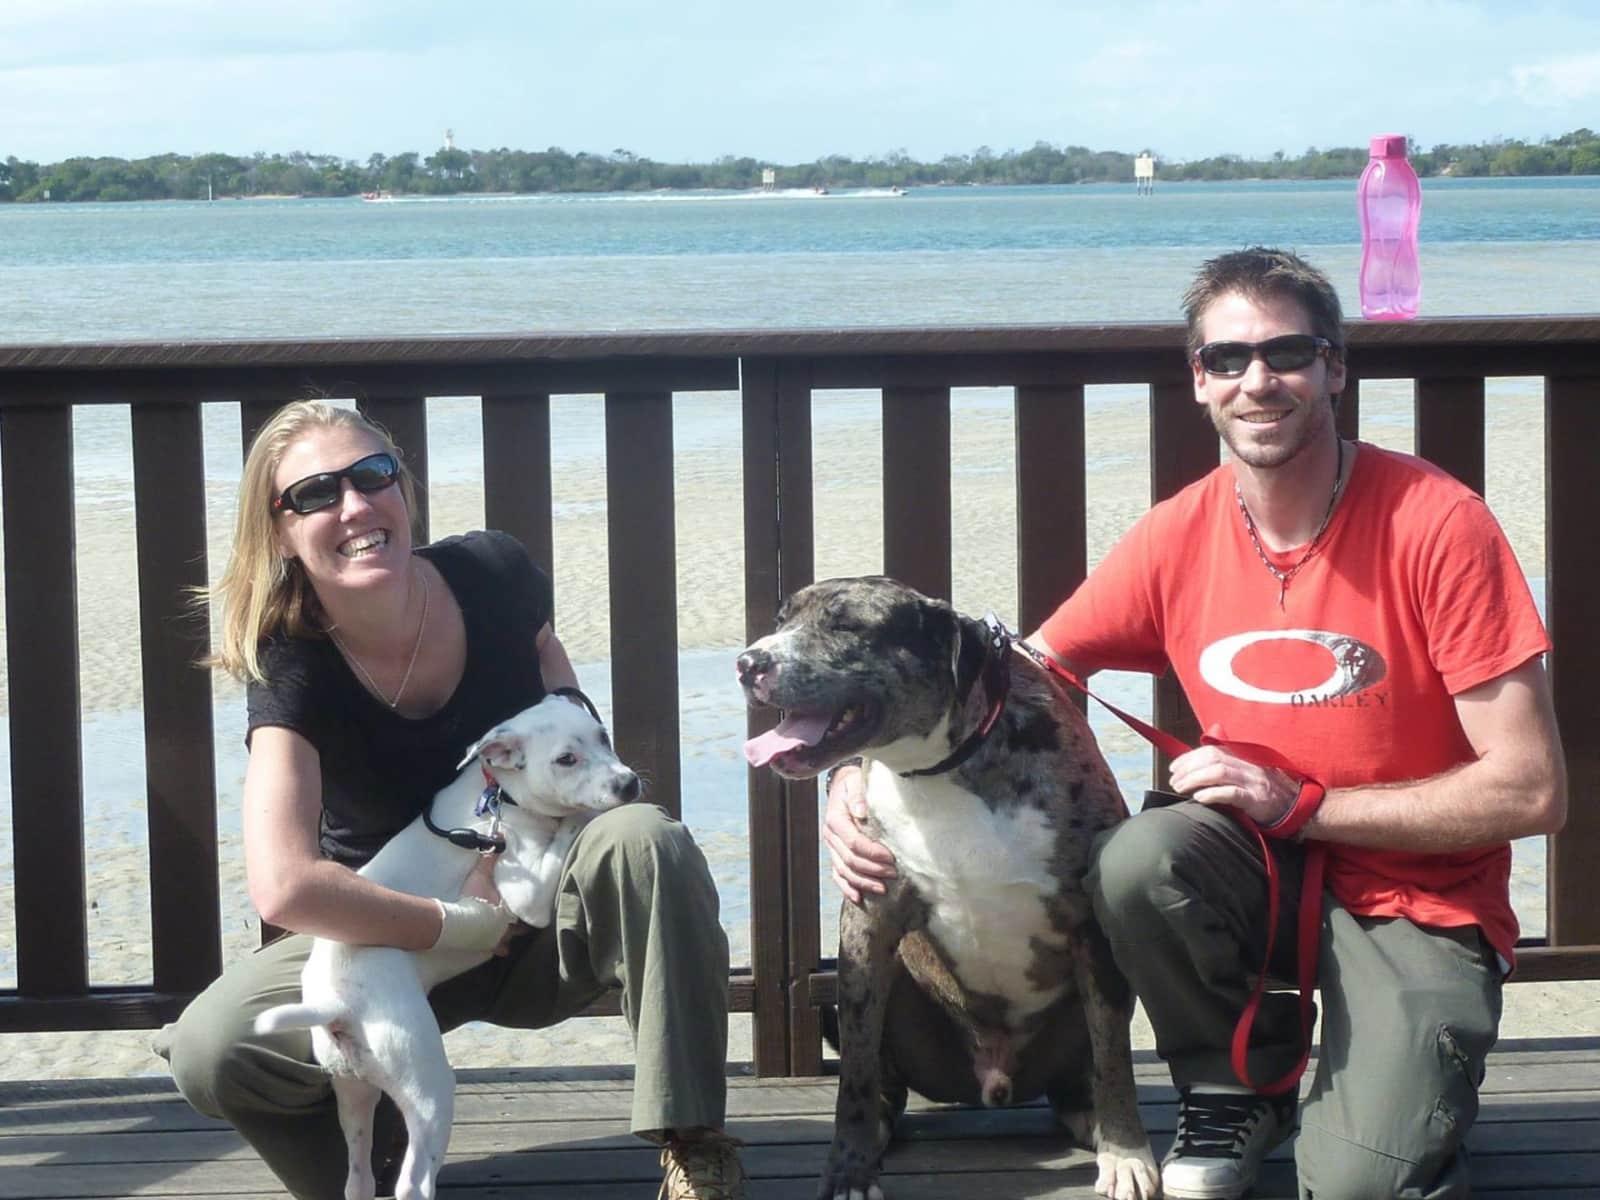 Gemma & Will from Hokitika, New Zealand